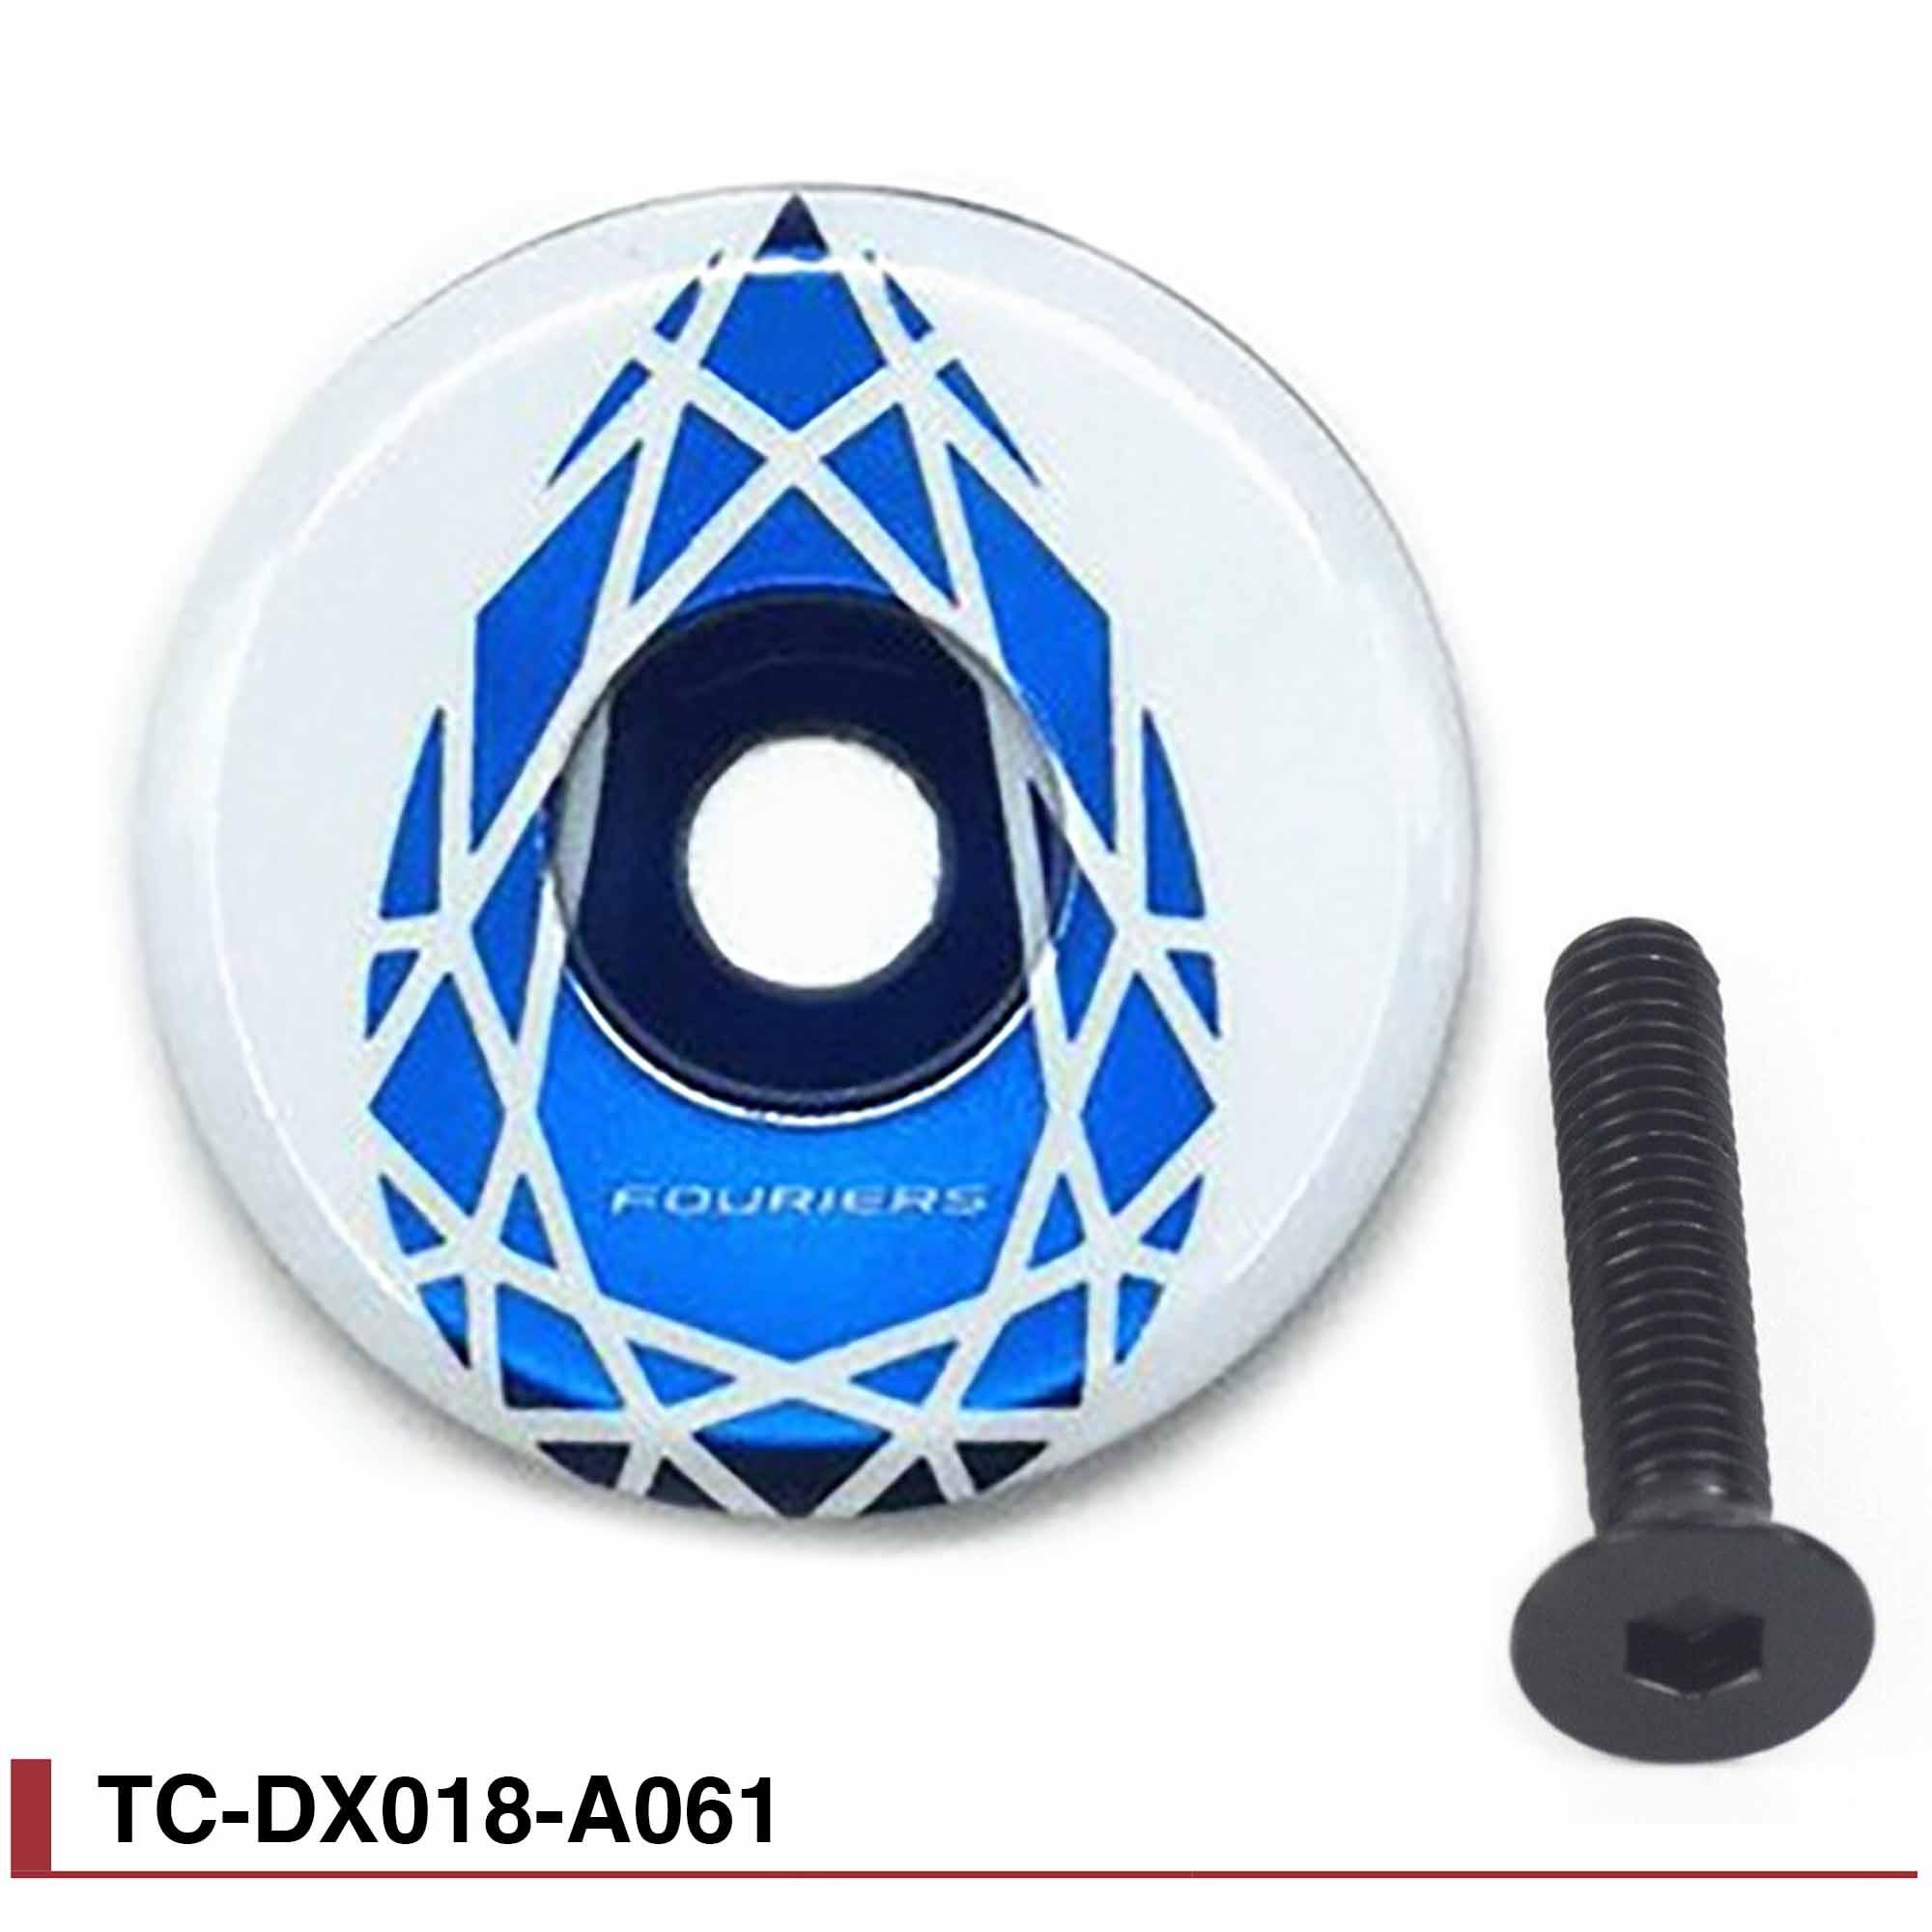 Bouchon de potence Fouriers TC-DX018-A061 (2 tailles possibles)